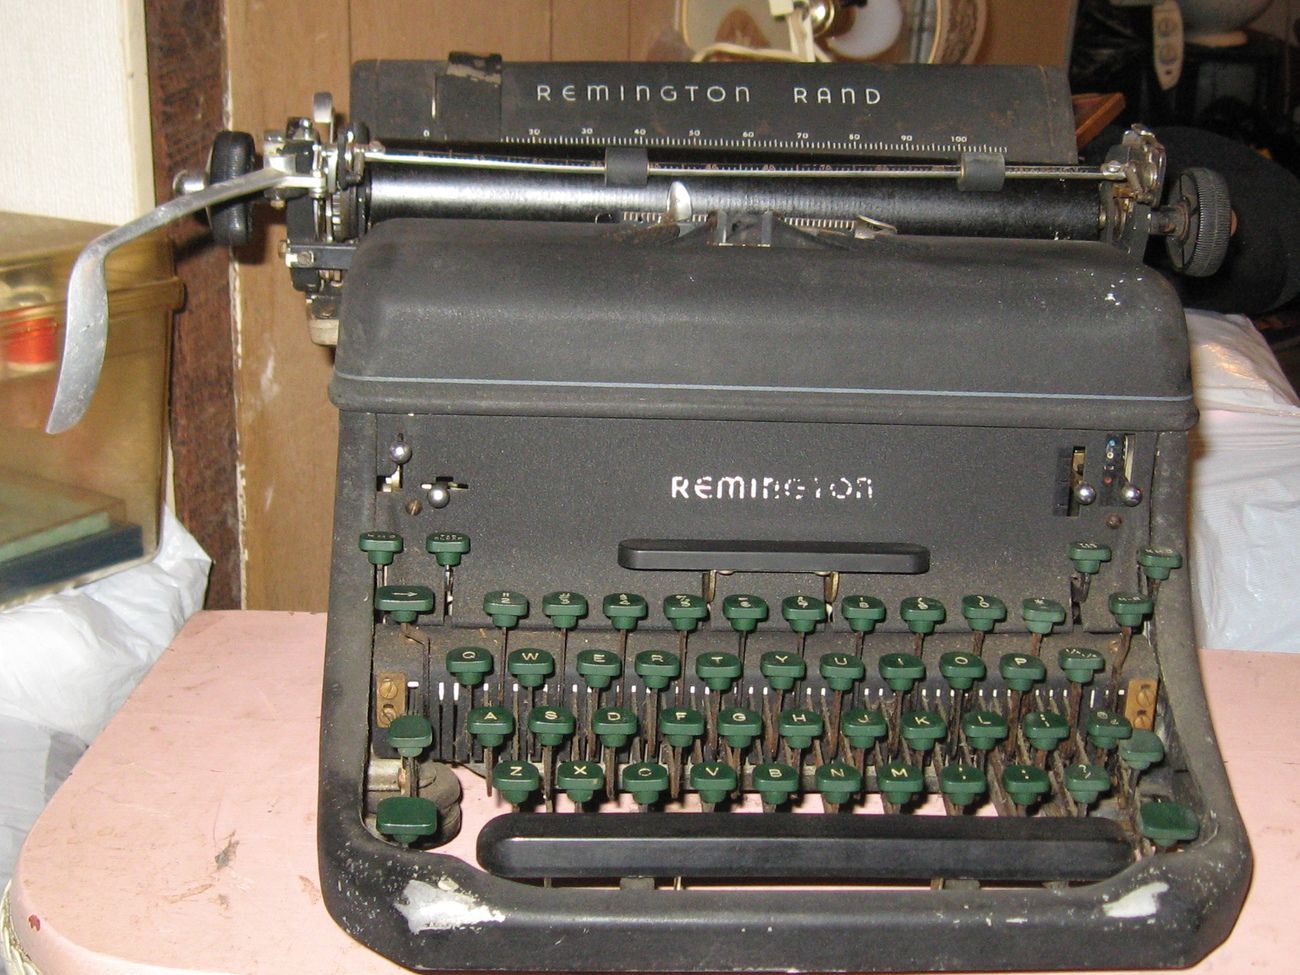 Antique Remington Rand typewriter